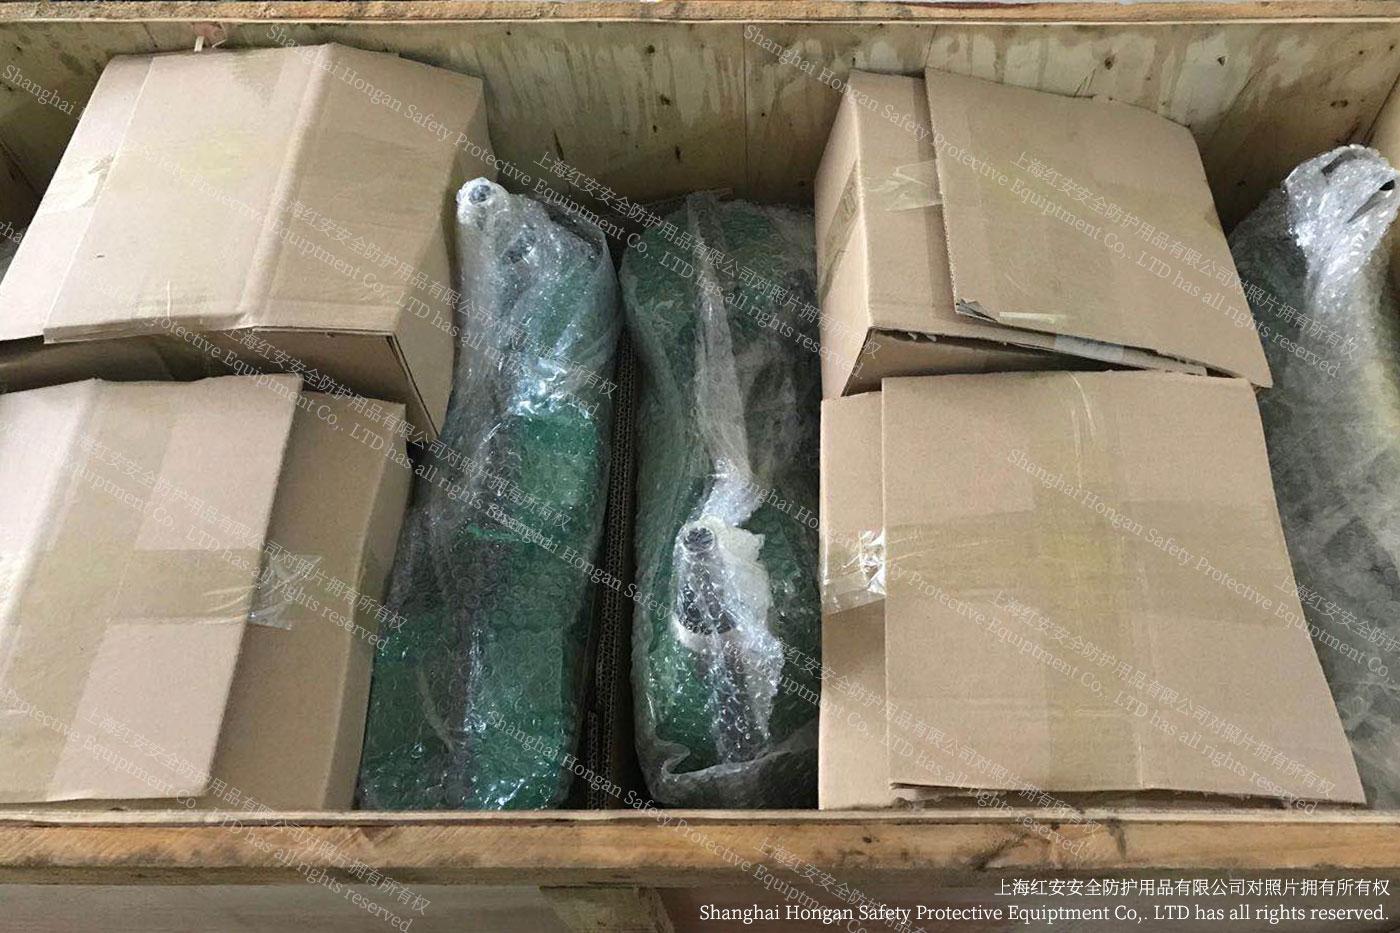 厂家秀图-洗眼器木装箱&发货-上海红安洗眼器厂家